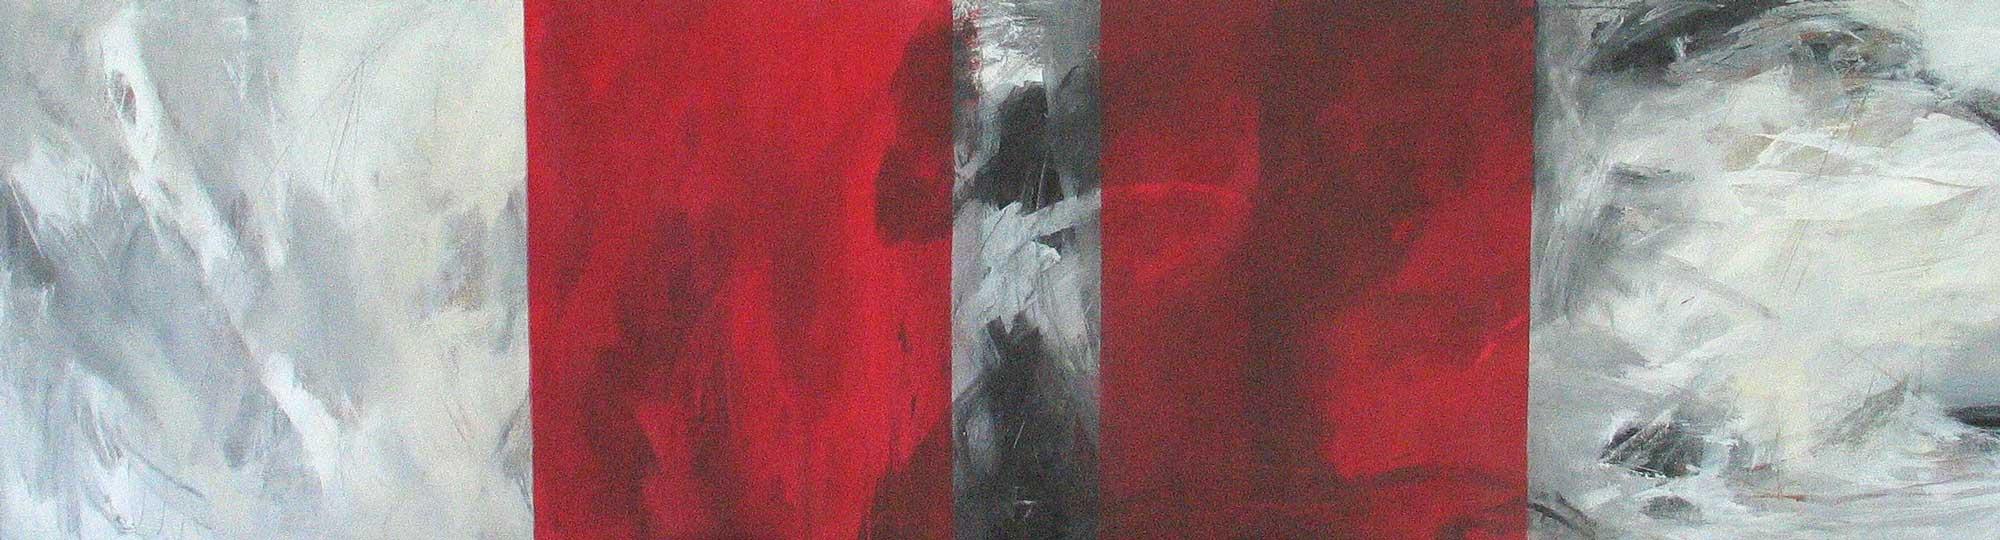 #200349 | Variationen zu einem Thema #9 | Acryl auf Leinwand | 40 x 150 cm